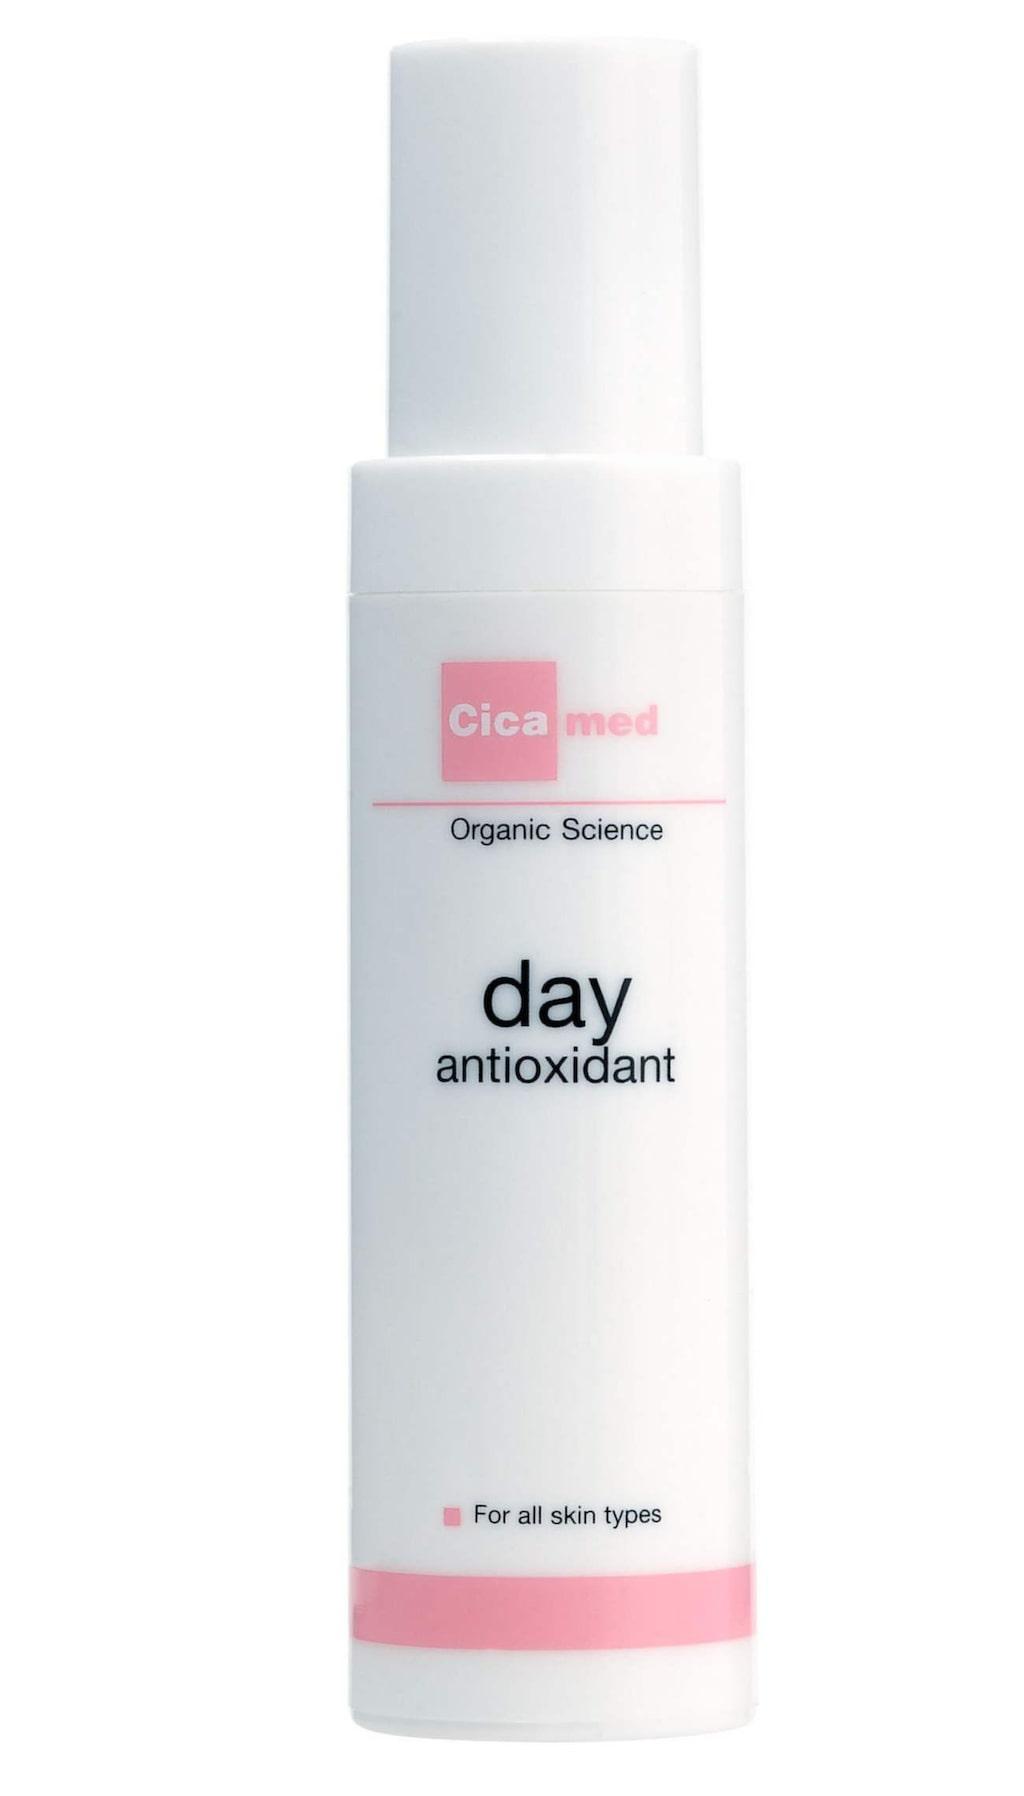 Härlig dagkräm/anti-agingkräm fullproppad med antioxidanter och vitaminer som förstärker din hud. Day Antioxidant från Cicamed, 479 kronor.